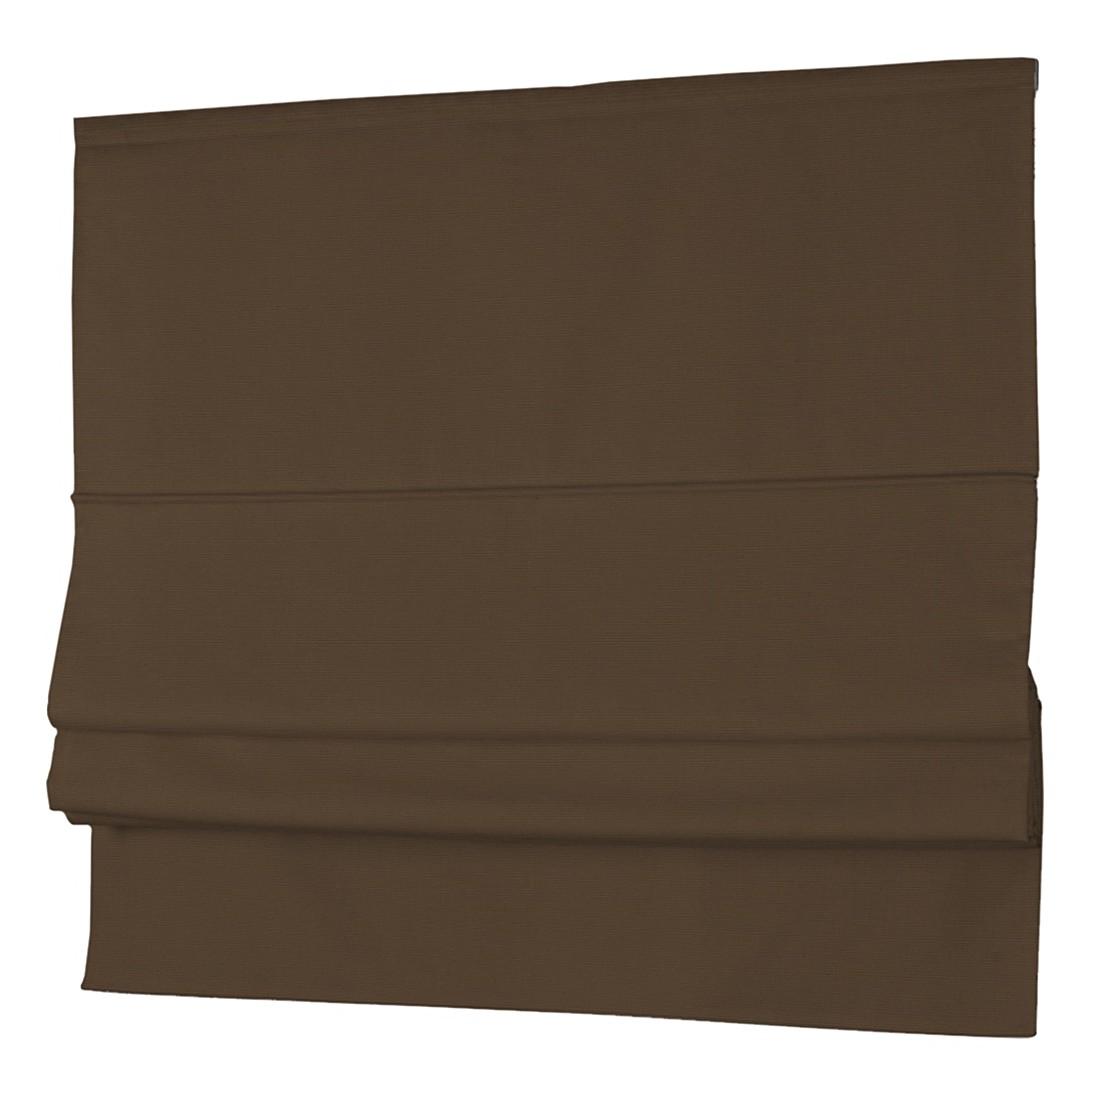 Raffrollo Cotton Panama – Braun / Kaffeebraun – 80 x 170 cm, Dekoria jetzt bestellen